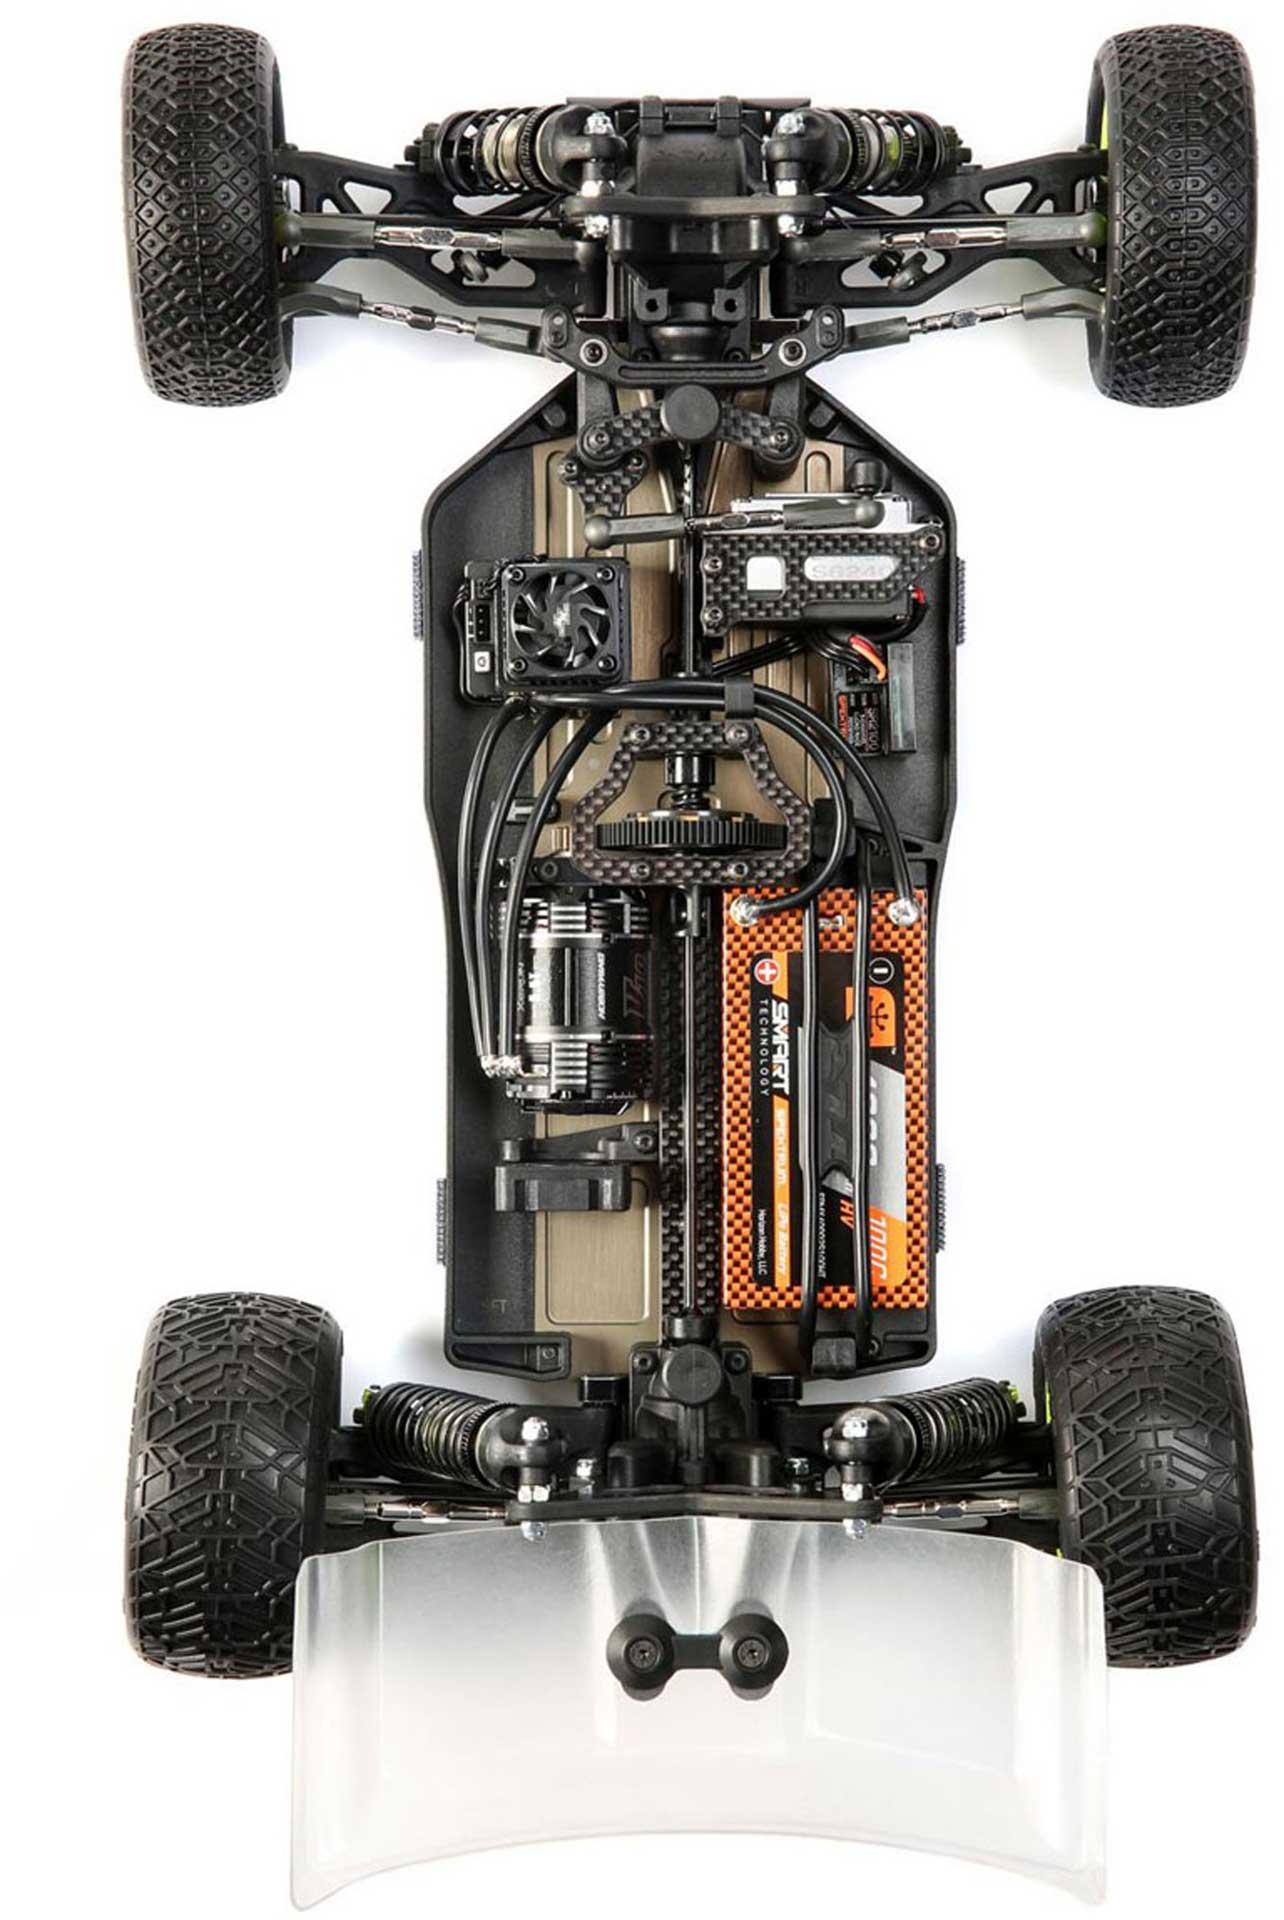 LOSI TLR® 22X-4 RACE KIT 1/10 4WD BUGGY WETTBE WERBS CHASSIS NUR FÜR FORTGESCHRITTENE